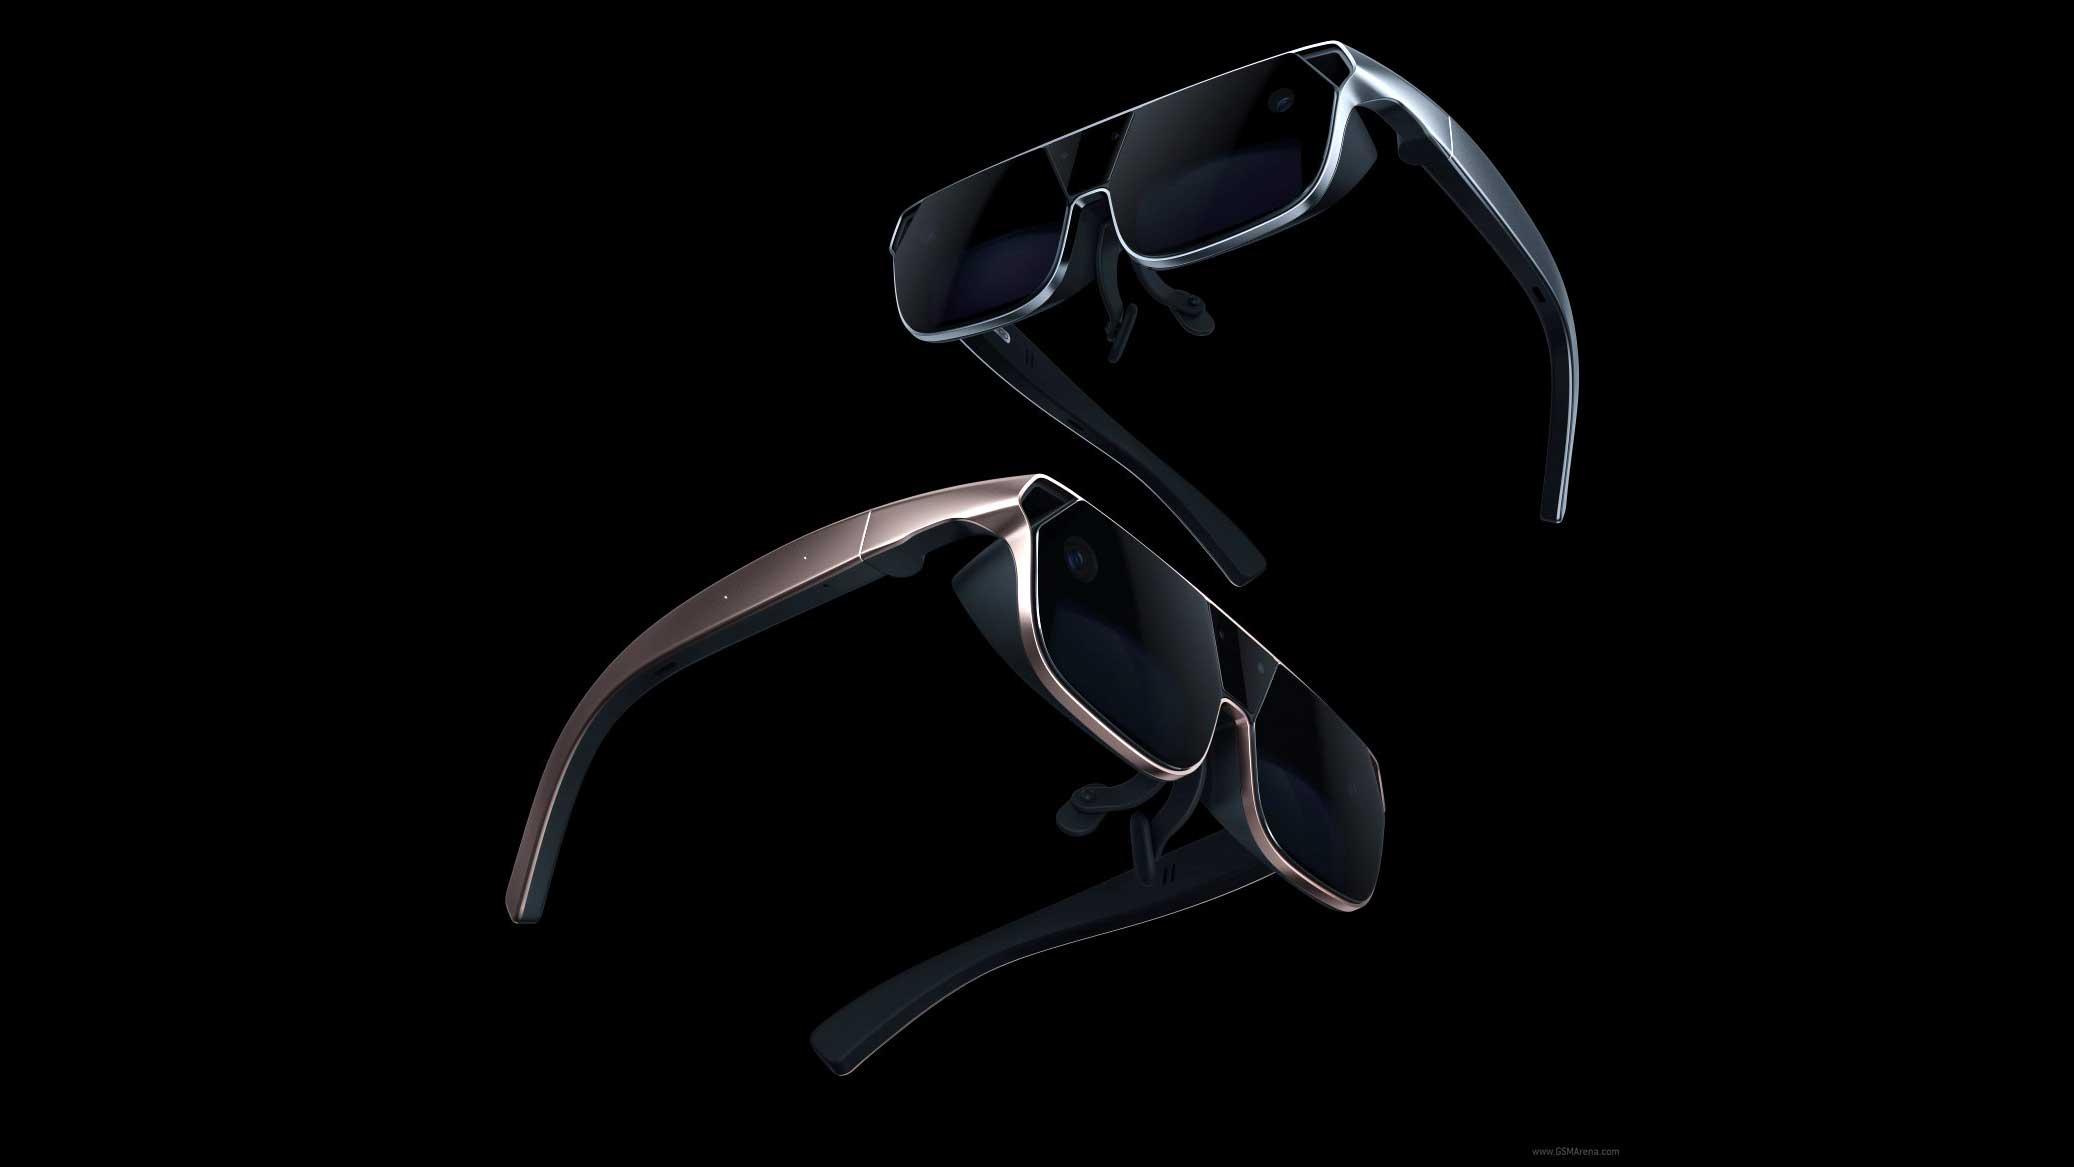 عینک واقعیت افزوده اوپو AR Glass 2021 رسما معرفی شد